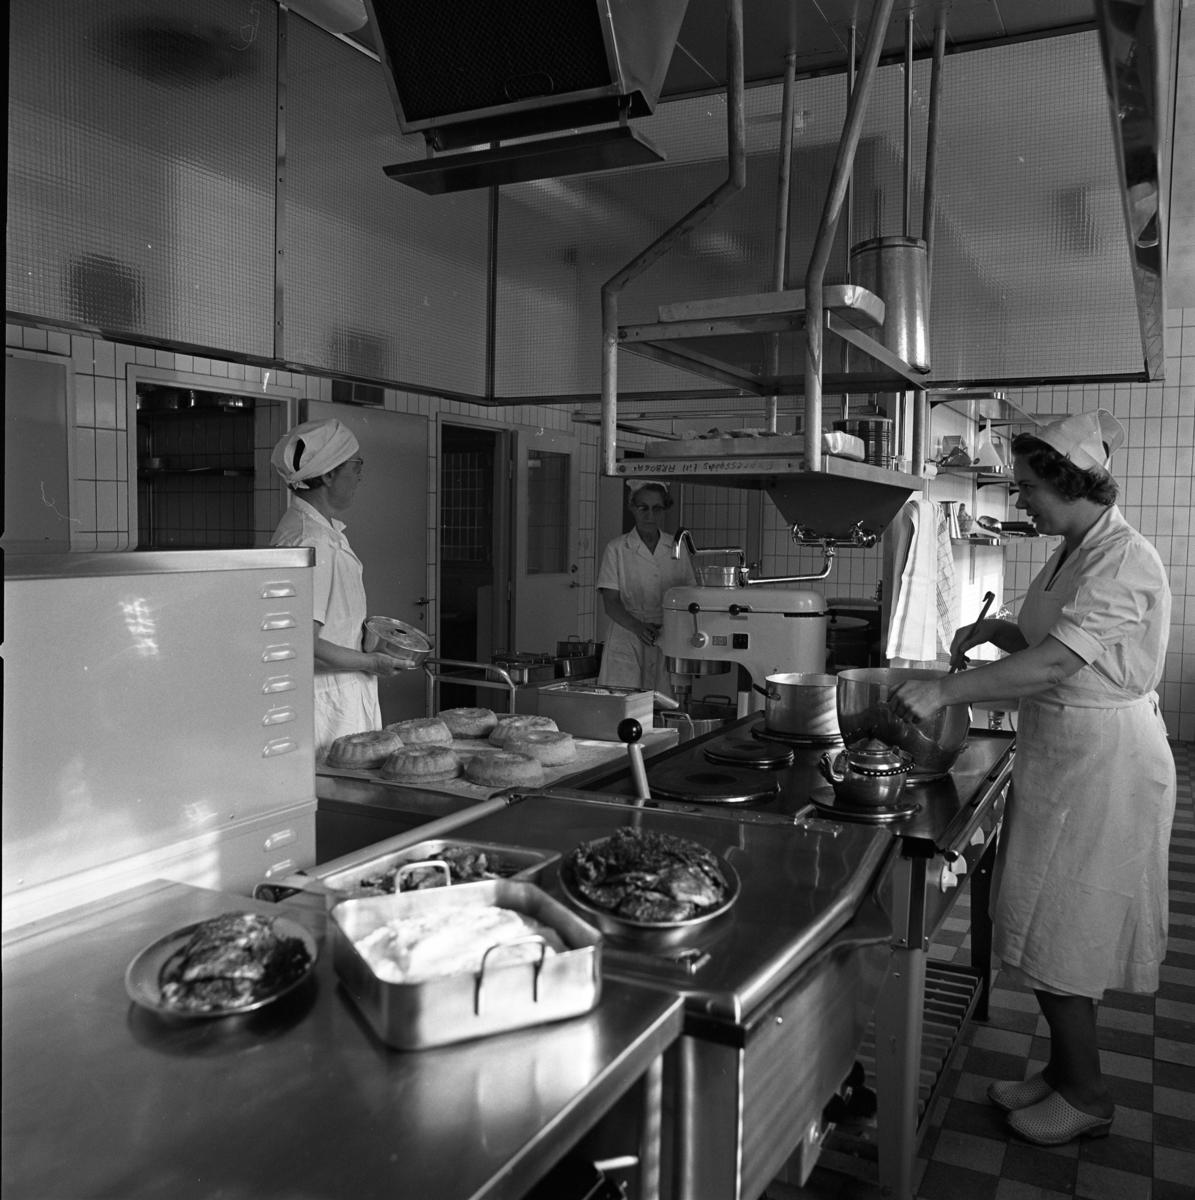 Interiör från köket på det nya ålderdomshemmet, Strömsborg. Tre kvinnor i arbete. Till vänster står Olga Larsson och bakar sockerkakor. Anna-Lisa Söderberg skymtar bakom hushållsmaskinen. Margit Wirzelius rör om i grytan.